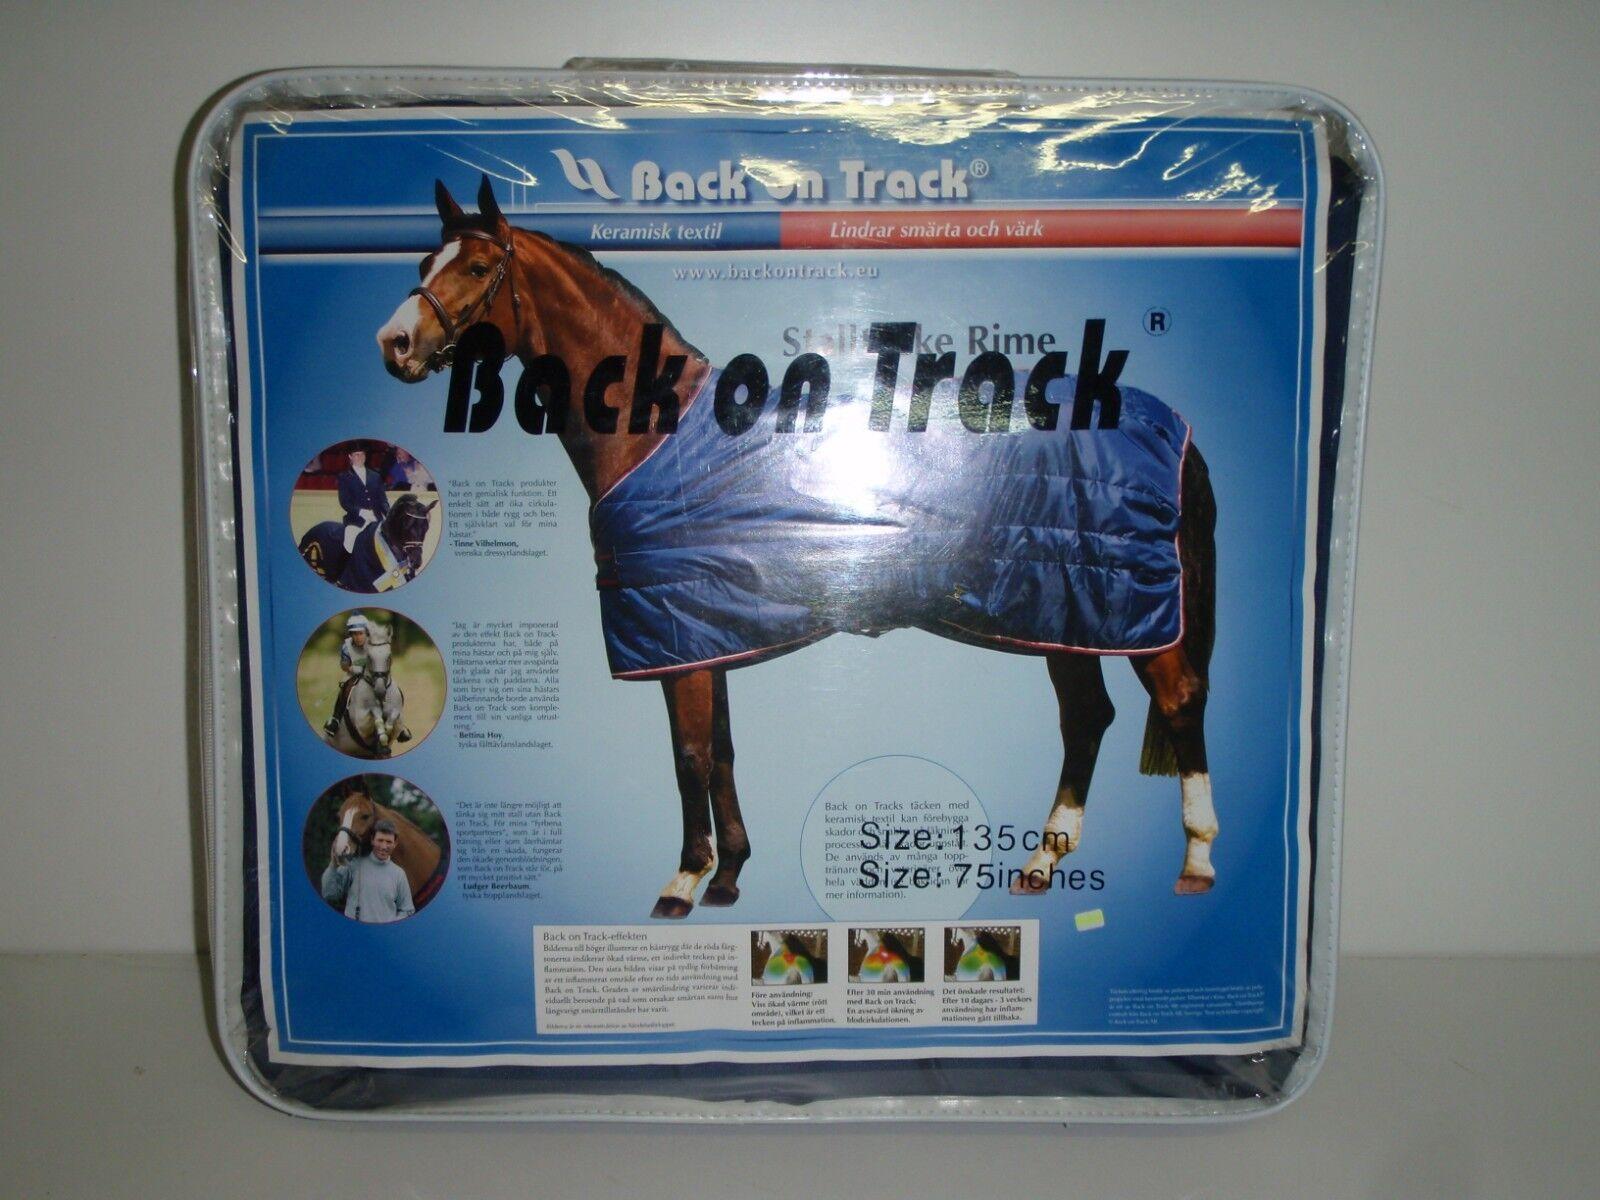 Back on Track Pferdedecke Sttuttidecke blu 135 cm = 75 in  Rug Rime 160g